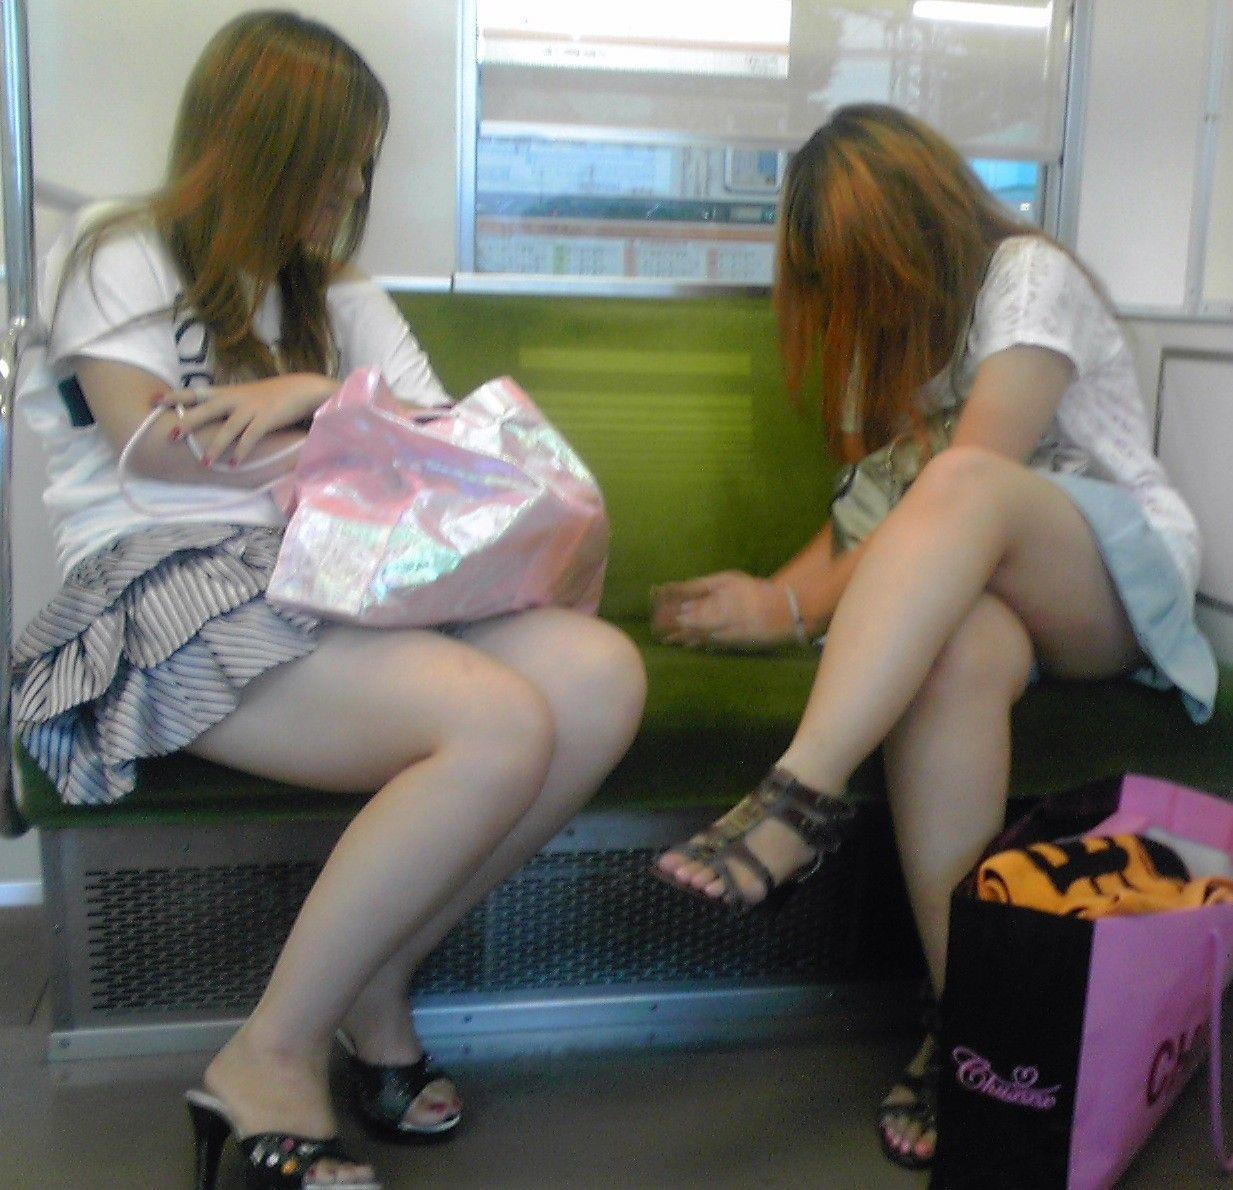 電車内パンチラ 画像 12